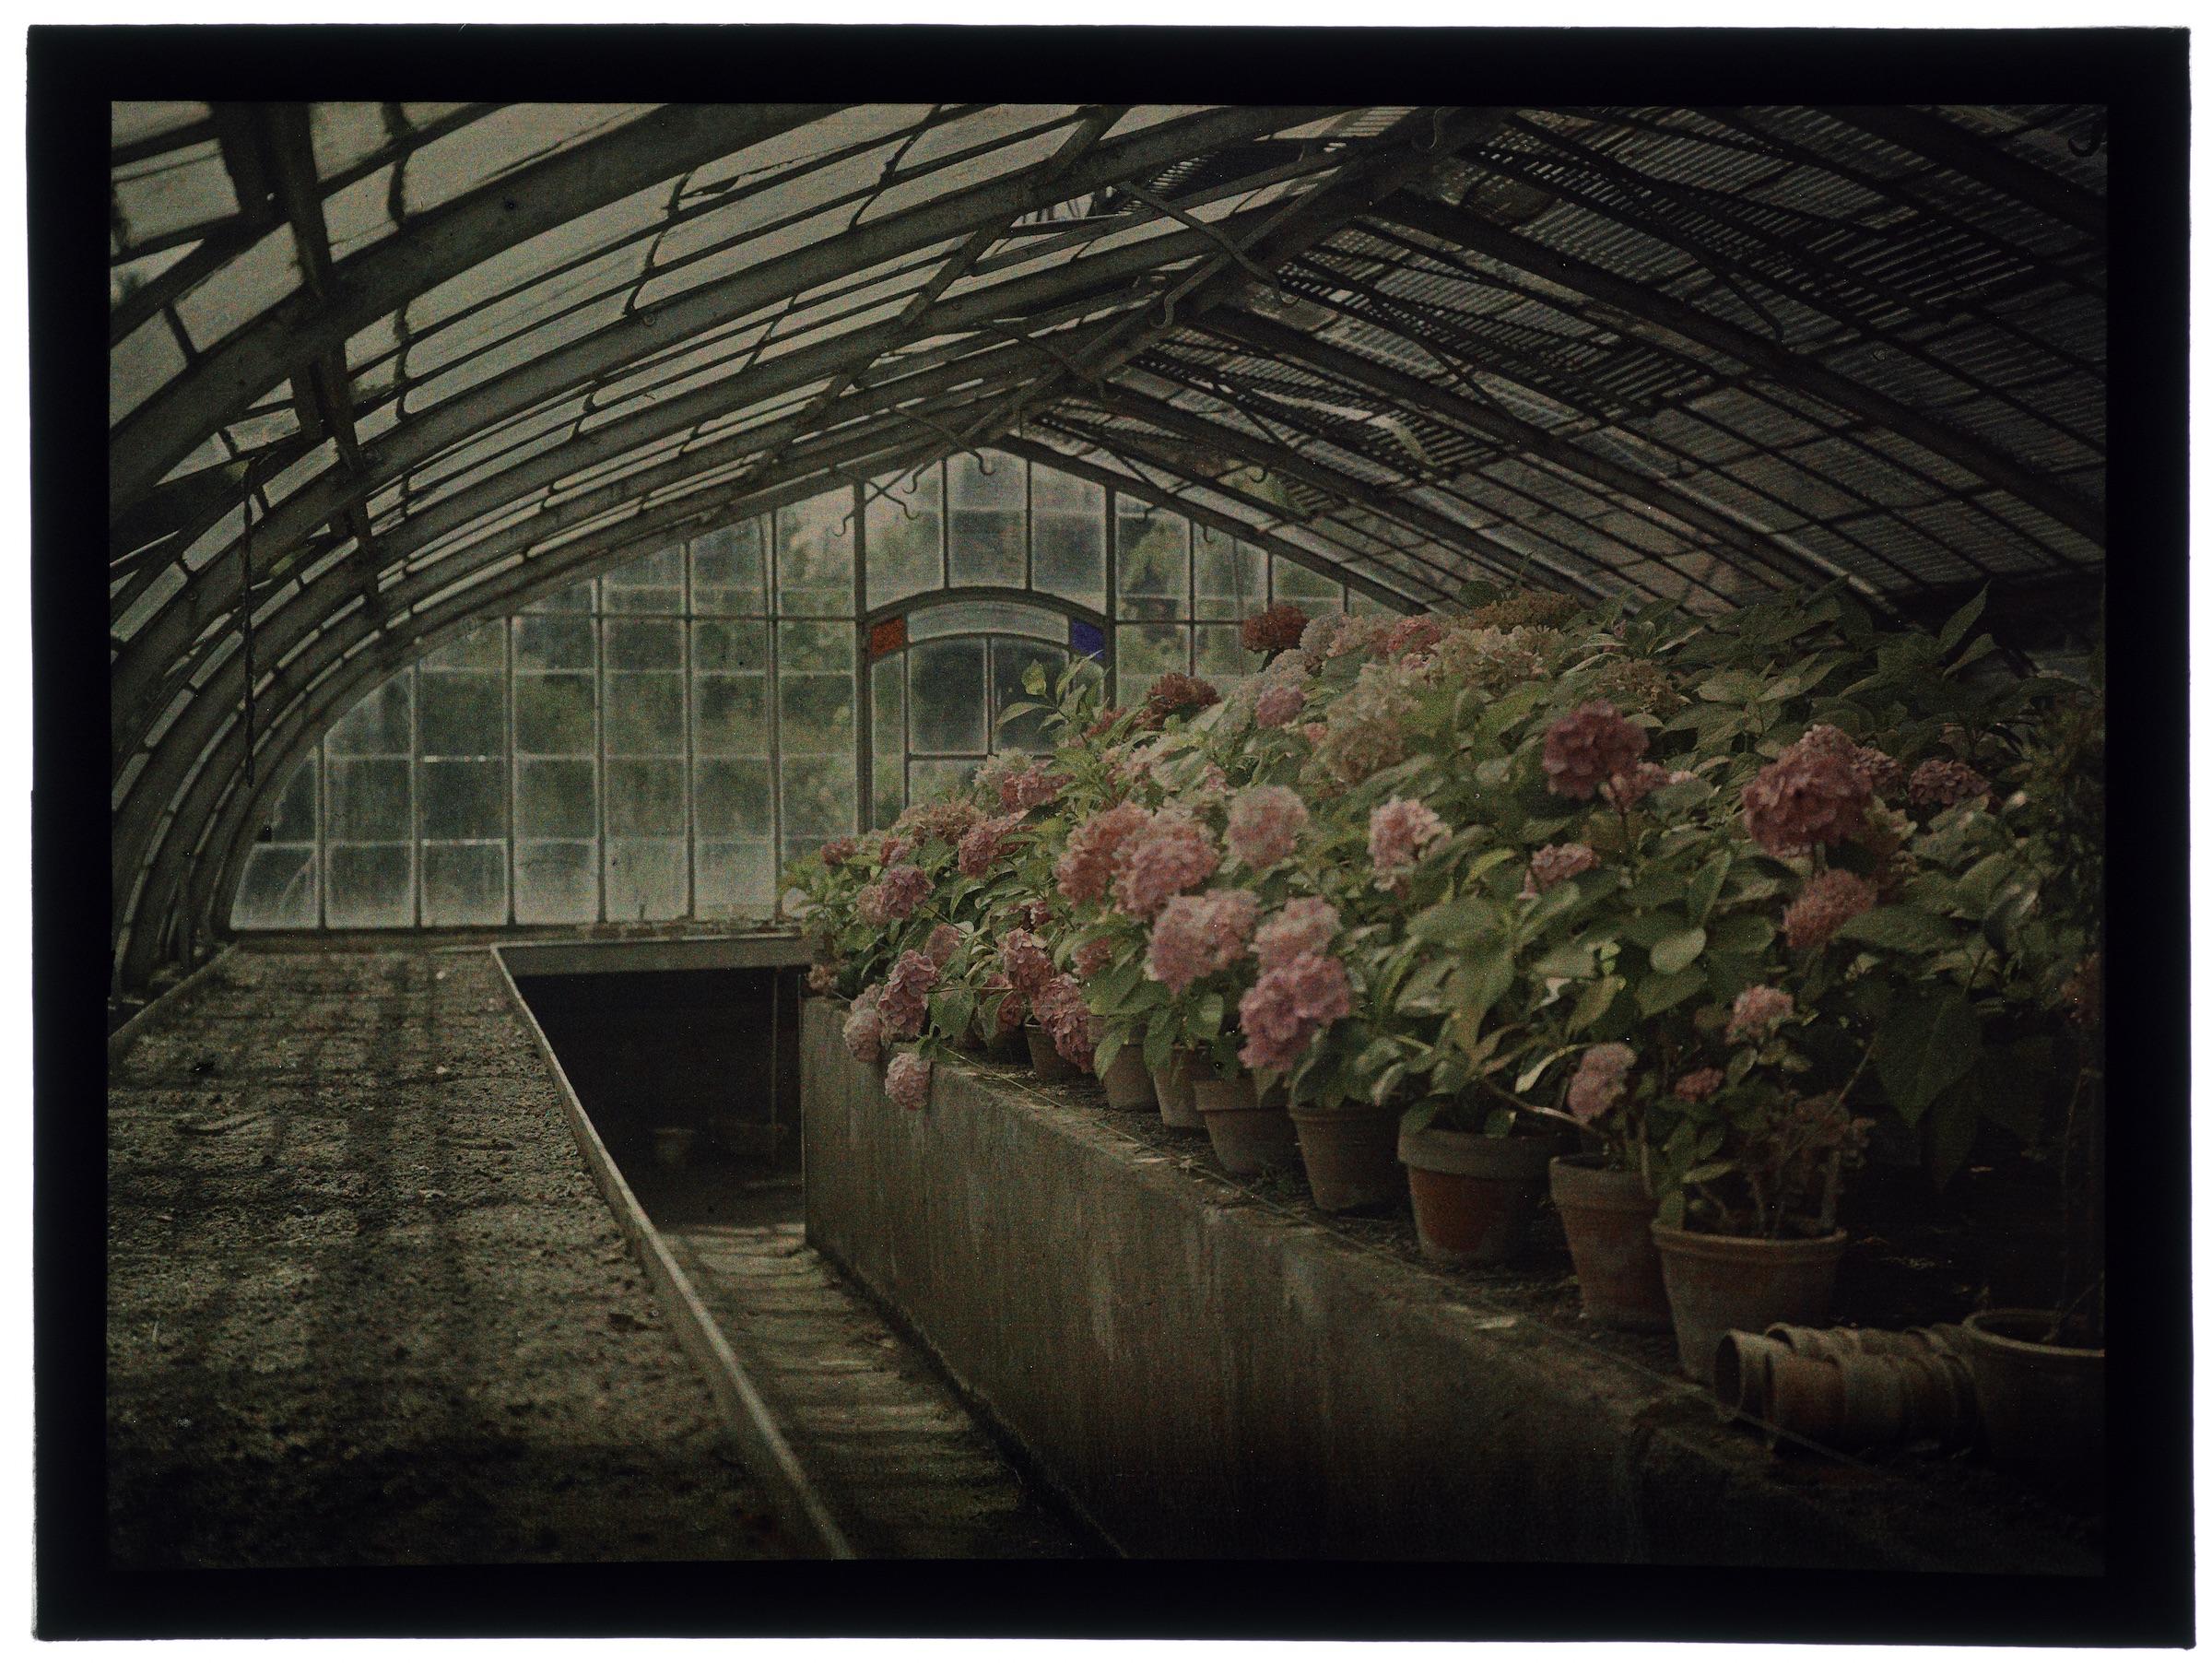 Fleurs dans la serre arrondie et hortensias au jardin